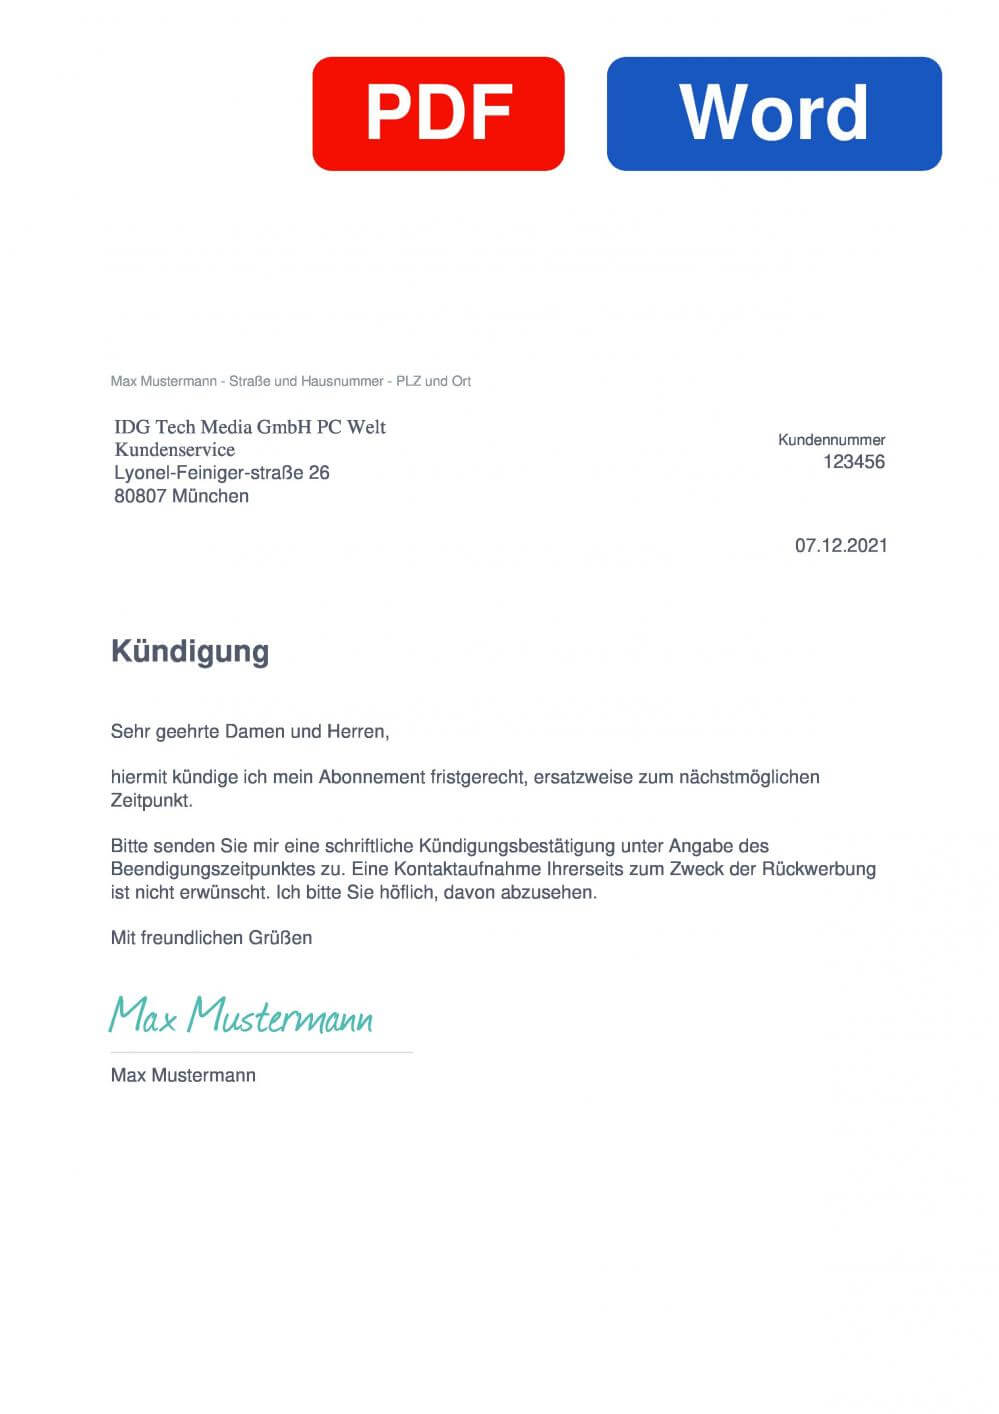 PC-WELT Muster Vorlage für Kündigungsschreiben